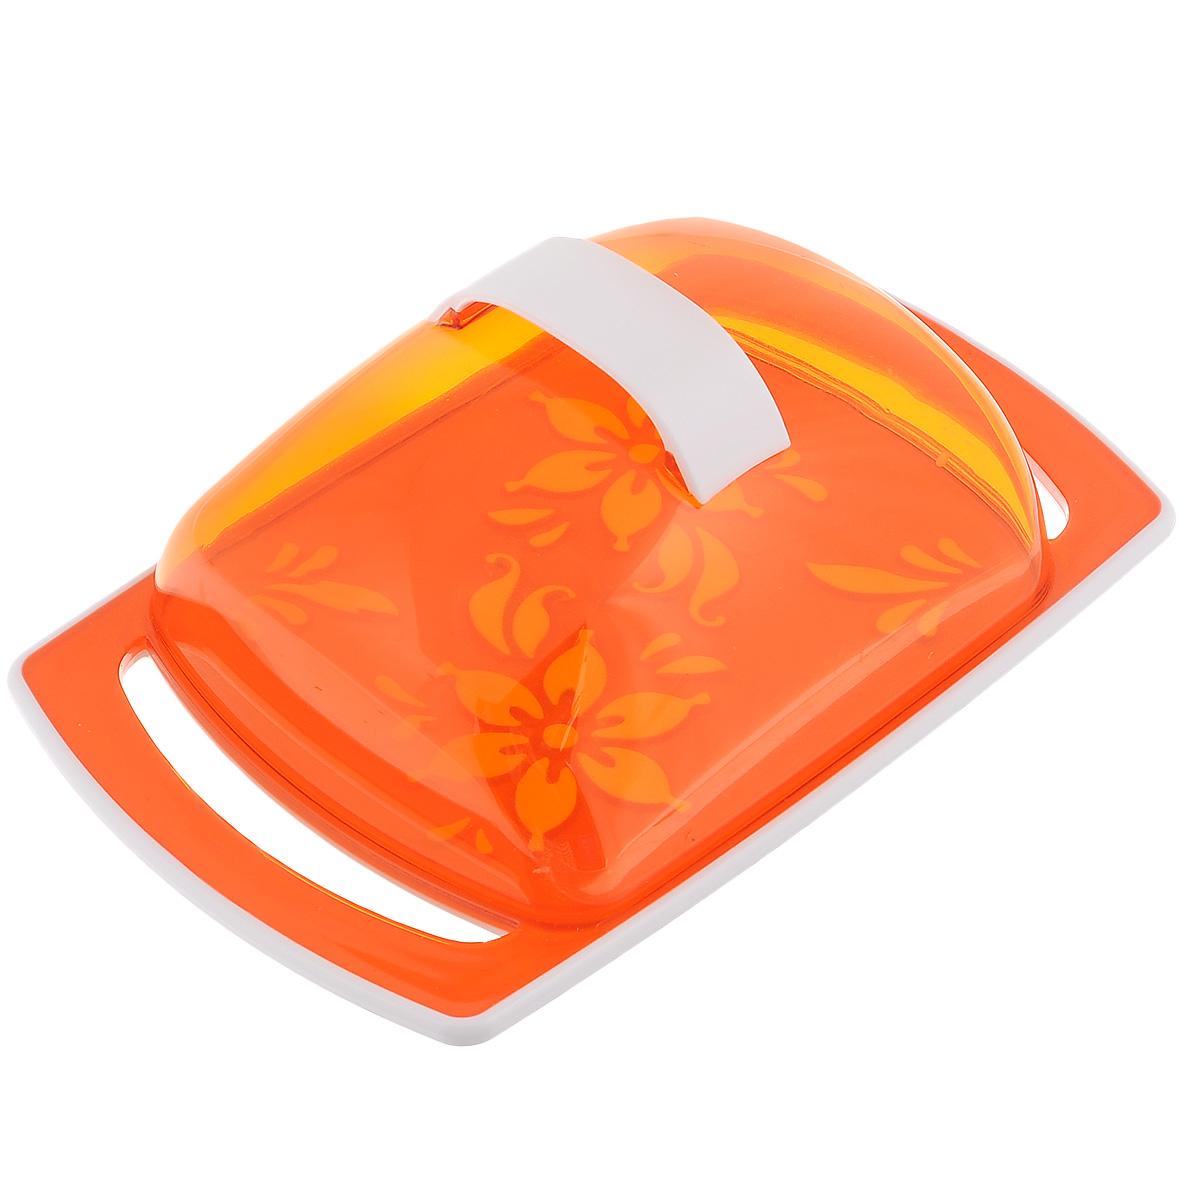 Масленка Альтернатива Премьера, цвет: оранжевыйM2211Масленка Альтернатива Премьера идеально подходит для хранения масла и сервировки стола. Масленка состоит из подноса, выполненного из пластика, и прозрачной пластиковой крышки с ручкой. Благодаря специальным выемкам крышка плотно устанавливается на поднос. Поднос масленки украшен яркими цветами.Масло в такой масленке долго остается свежим, а при хранении в холодильнике не впитывает посторонние запахи. Рекомендации по использованию: - Не используйте для чистки абразивные моющие средства. - Берегите крышку от нагревания. - Хранить вдали от источников тепла. - При отрезании масла избегайте сильных воздействий на основание масленки во избежание ее повреждения.Размер масленки: 18 см х 11,5 см х 5,5 см.